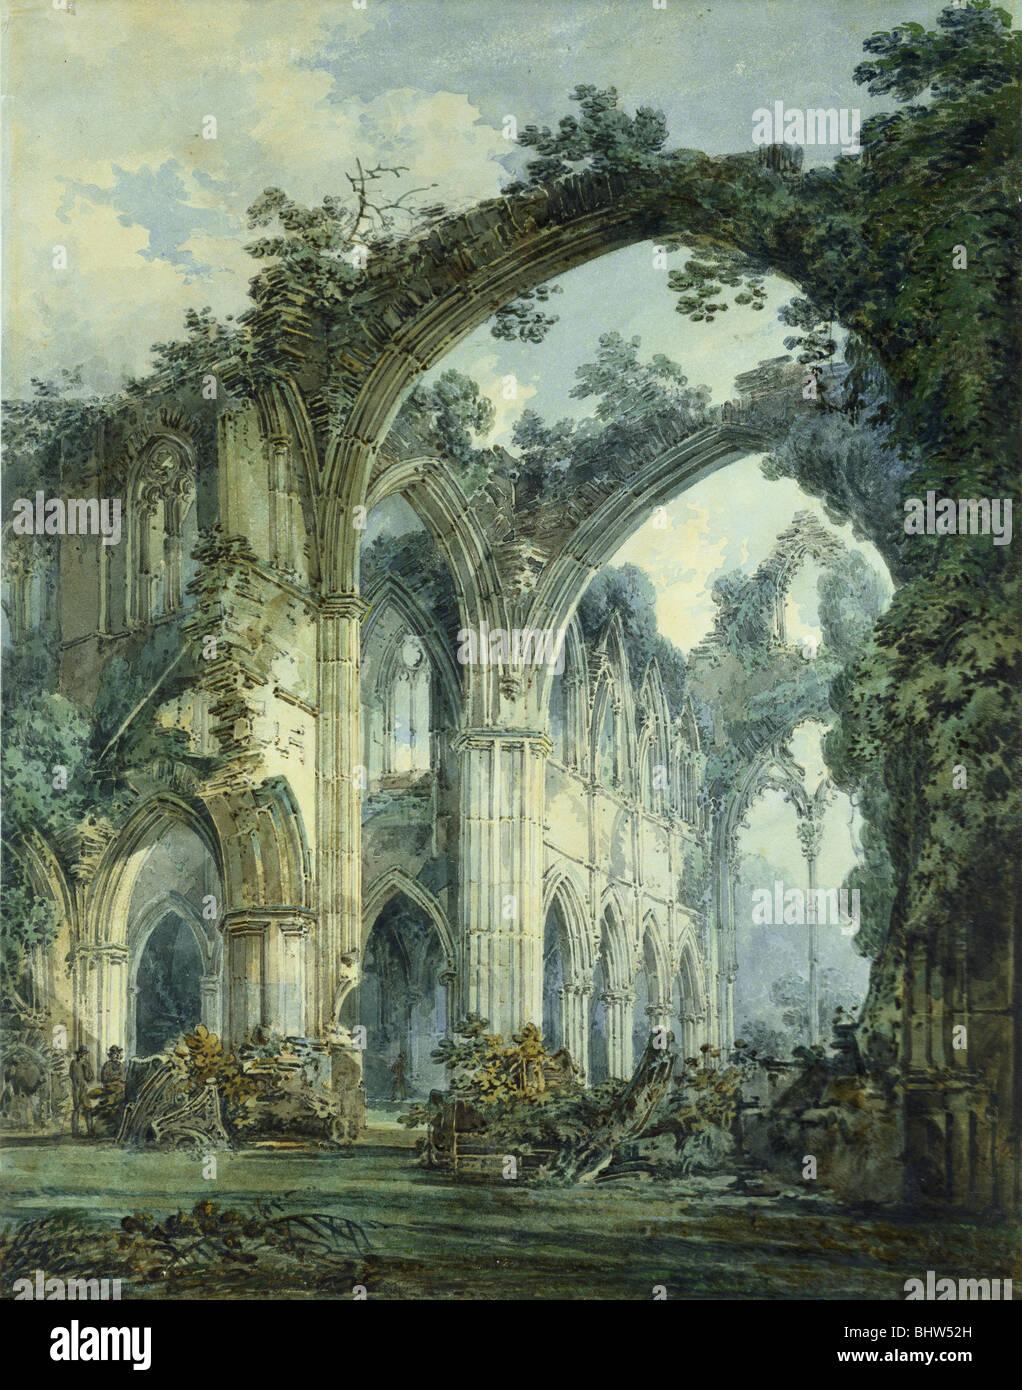 Interno del Tintern Abbey, da J.M.W. Turner. Inghilterra, secolo XIX Immagini Stock